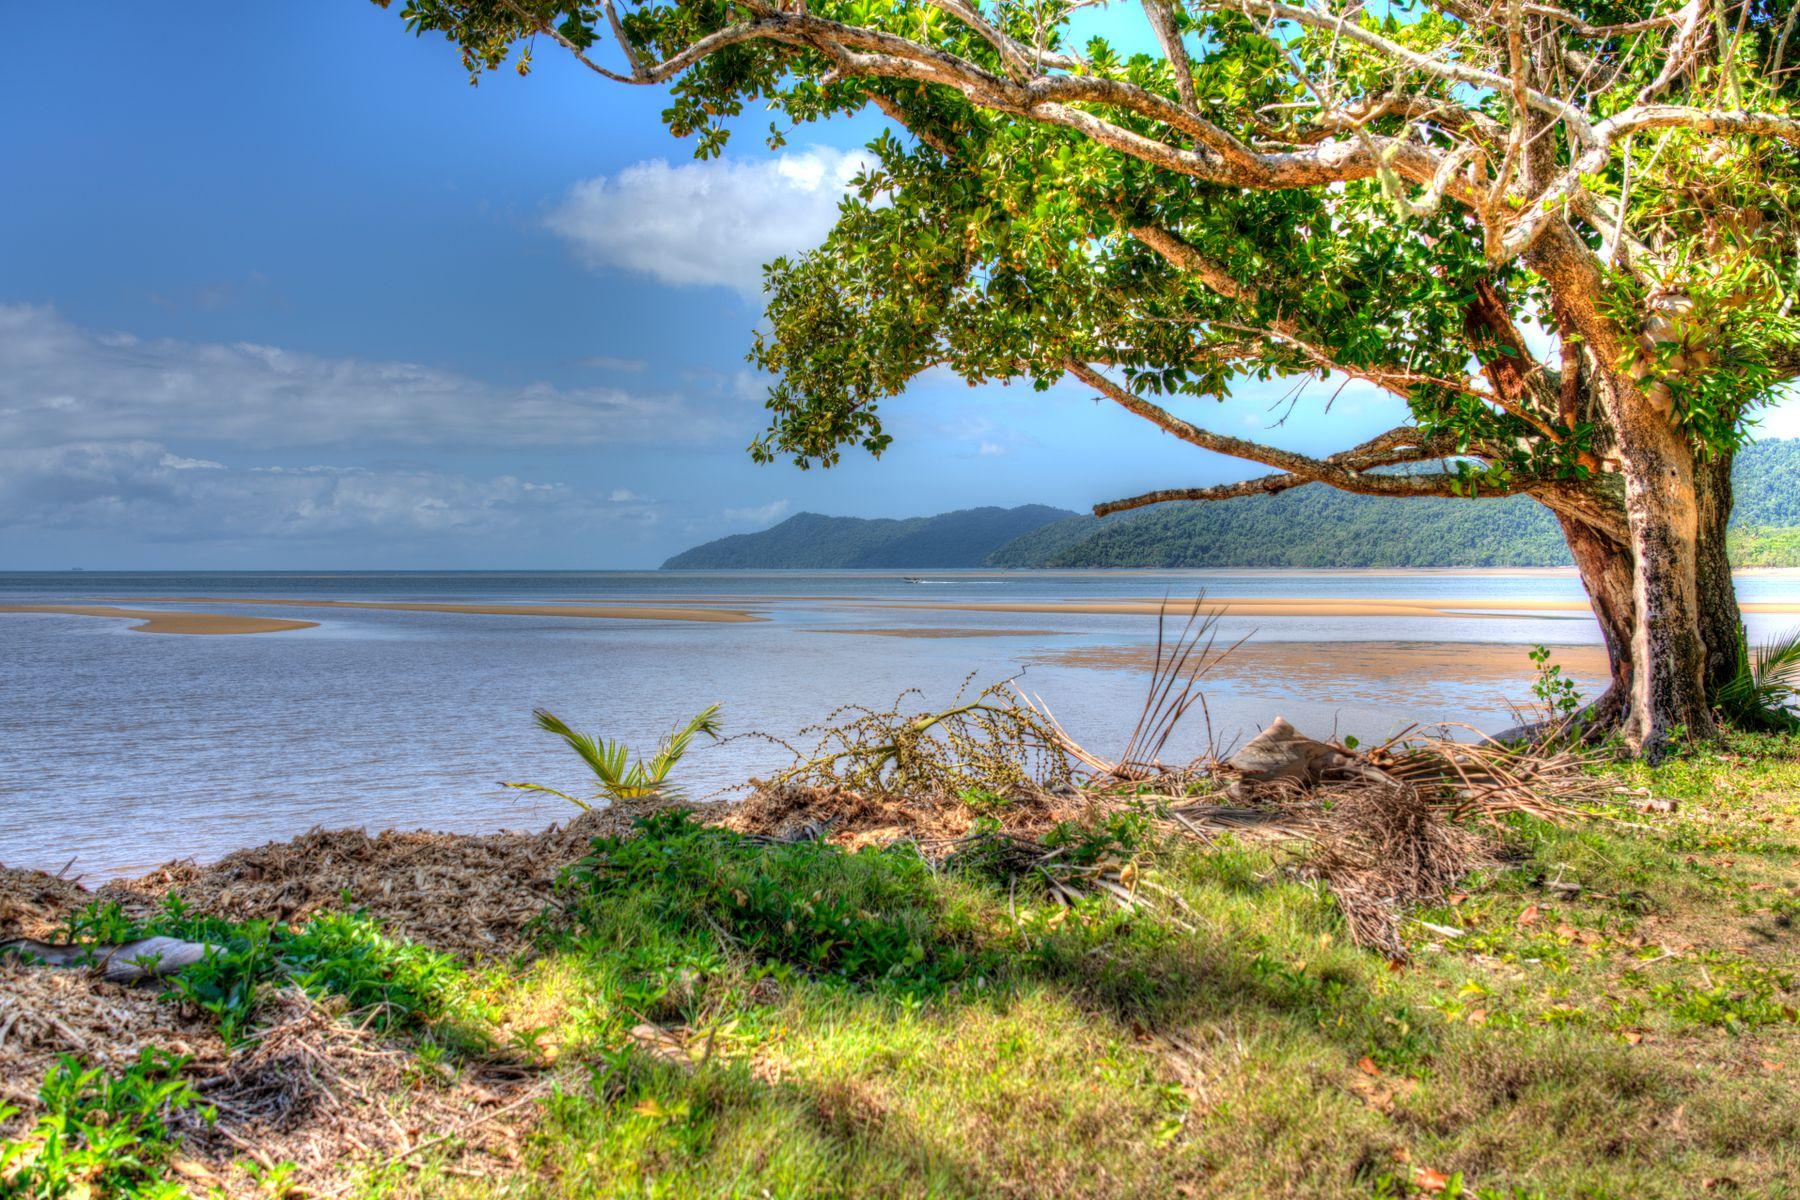 58-60 BAY ROAD, Coconuts, QLD 4860